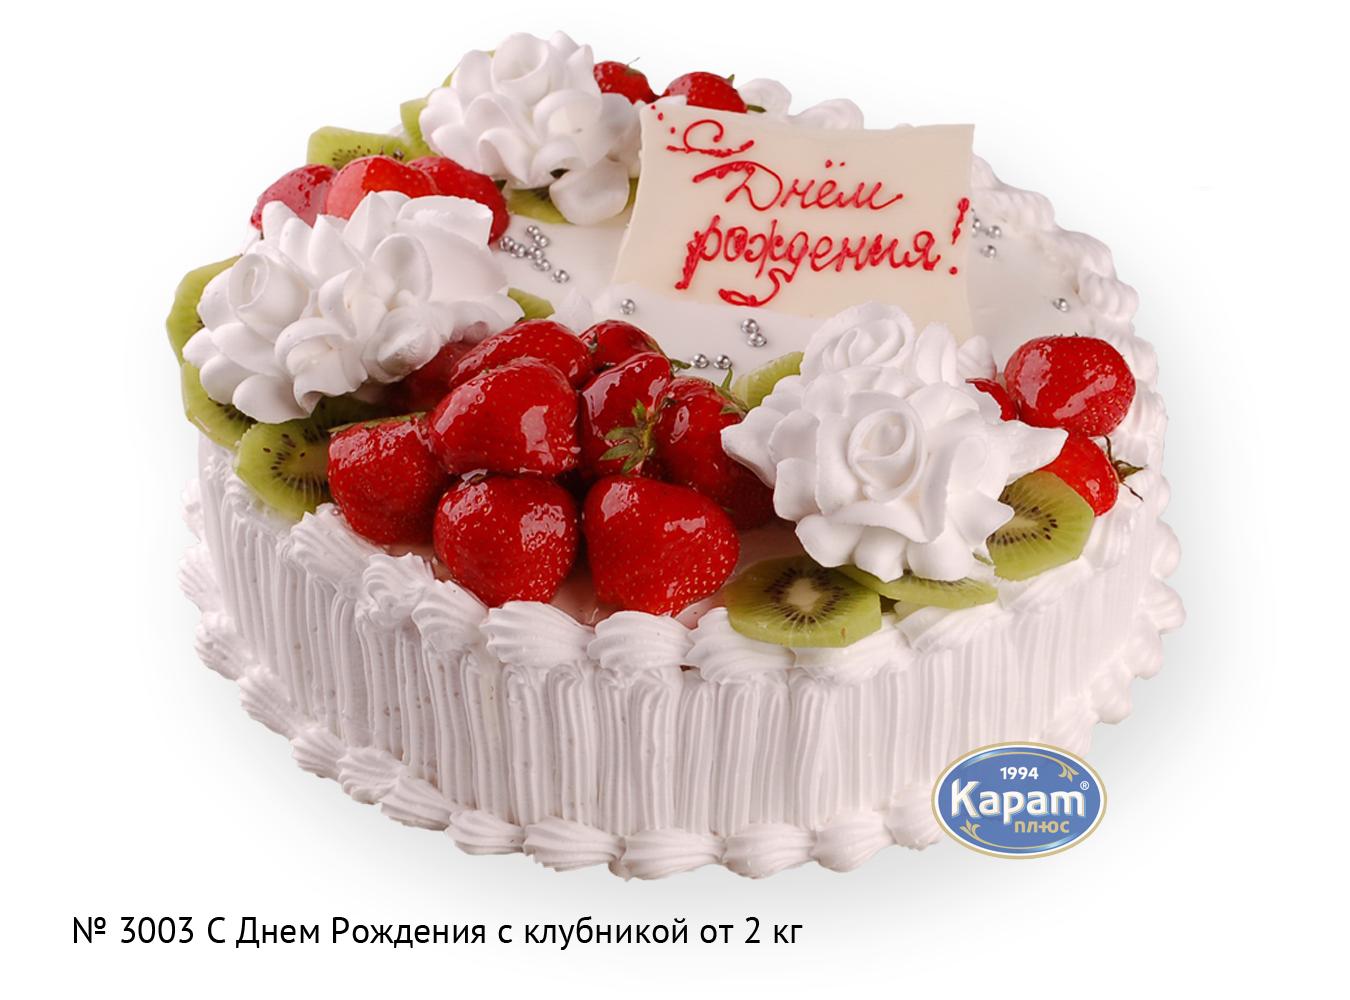 Картинки тортов с днем рожденья женщины